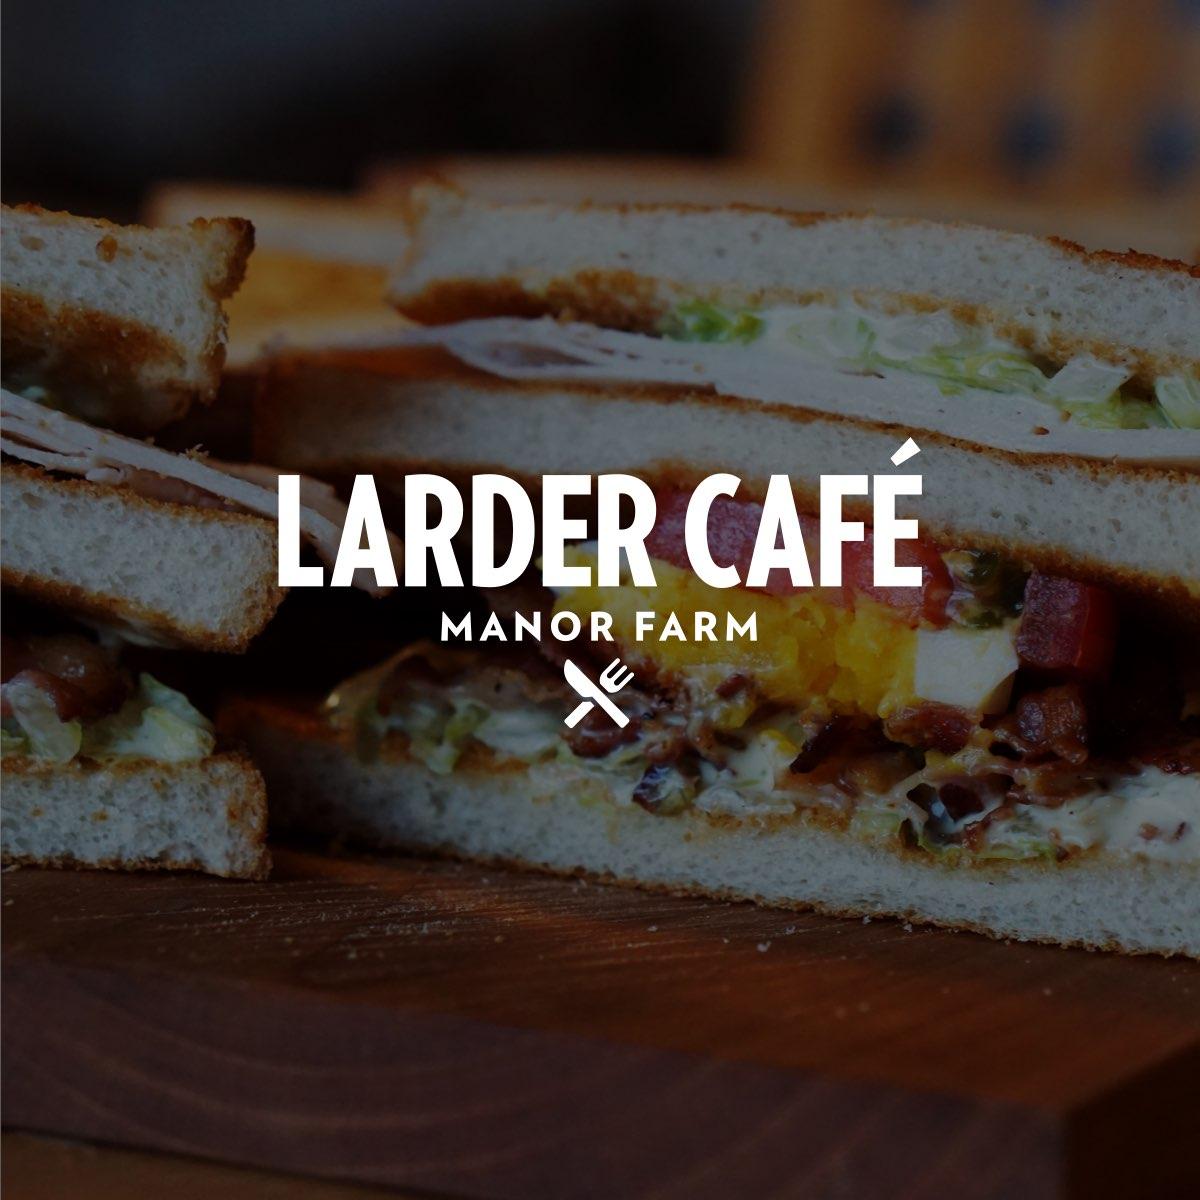 The Larder Café